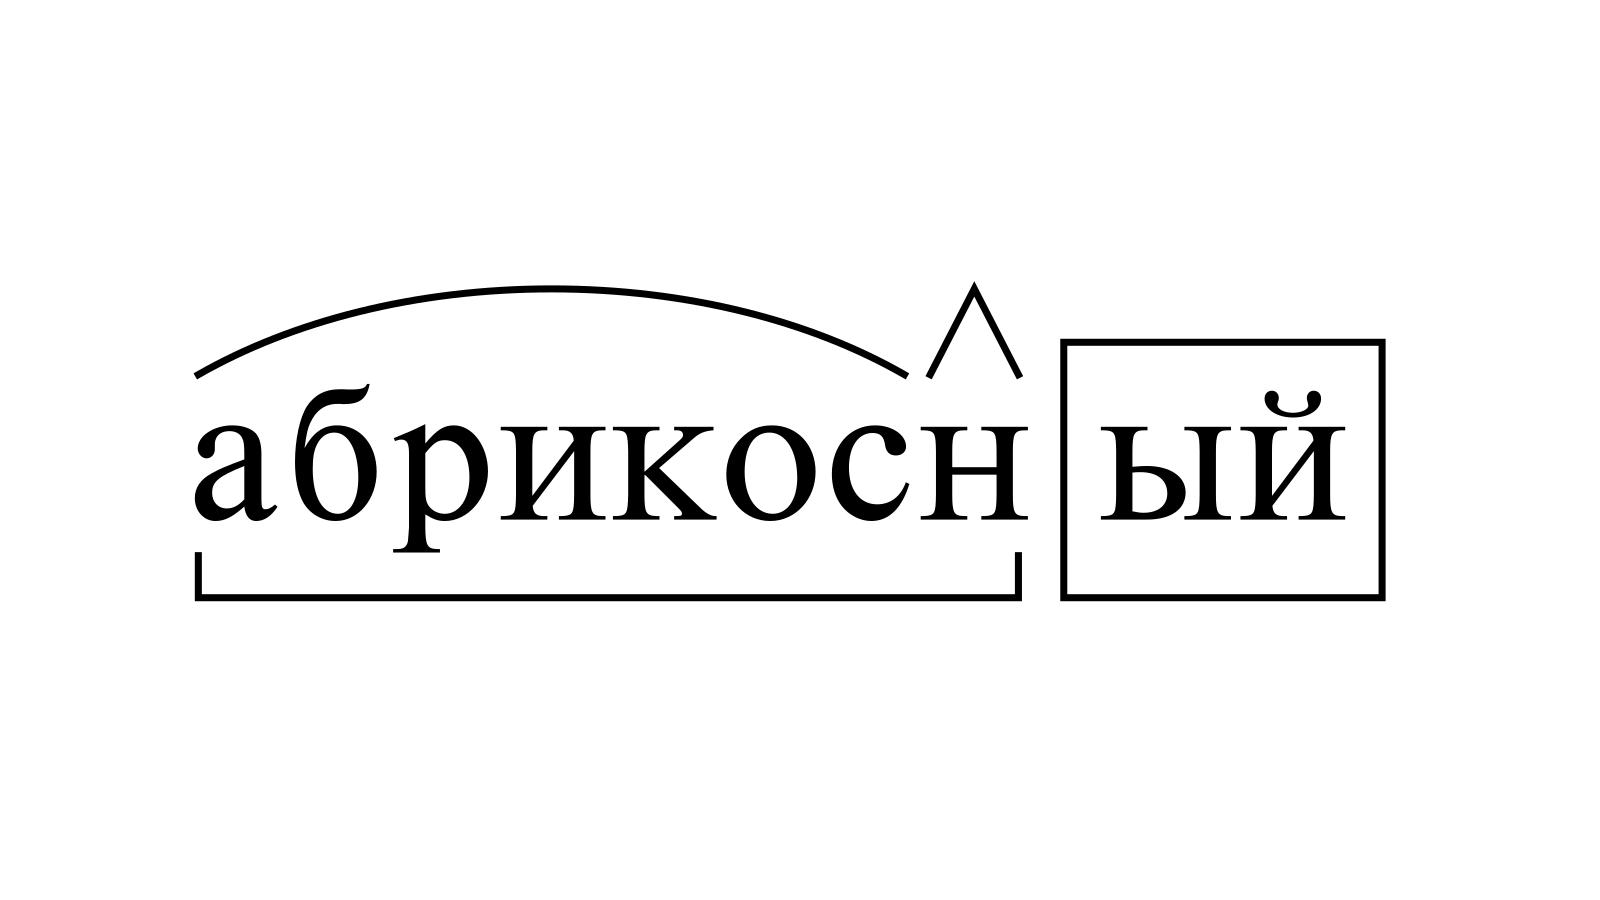 Разбор слова «абрикосный» по составу